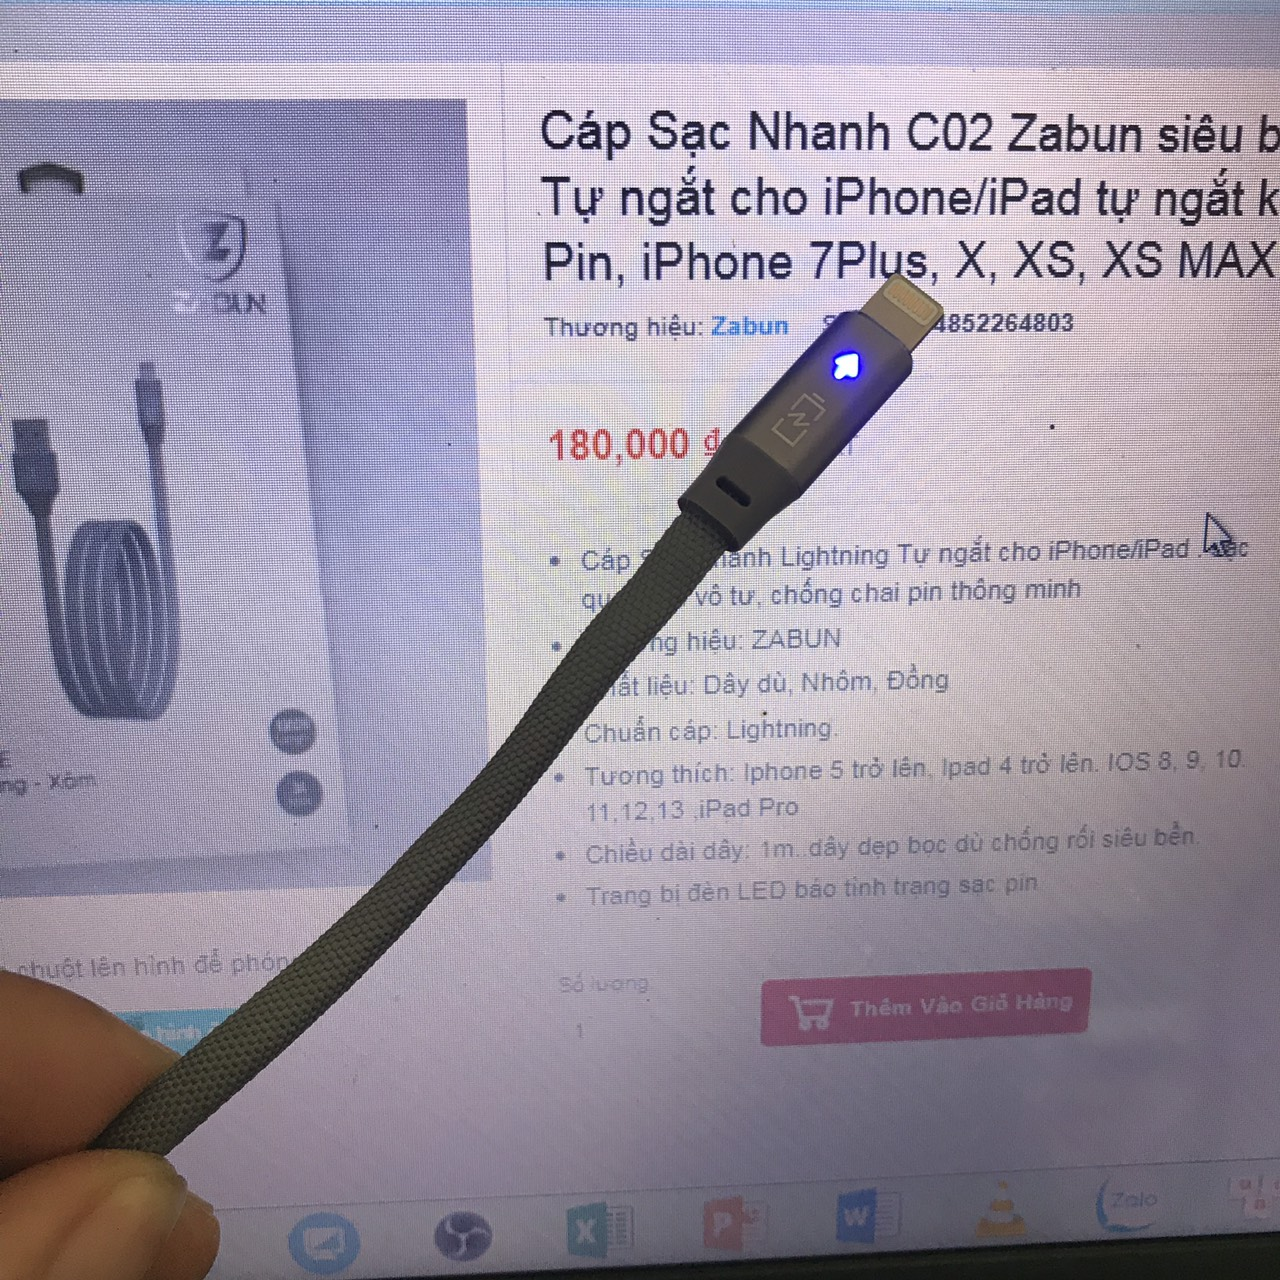 Cáp Sạc Nhanh C02 Zabun siêu bền Lightning Chính hãng Tự ngắt cho iPhone/iPad tự ngắt khi pin đầy Chống Chai Pin, iPhone 7Plus, X, XS, XS MAX